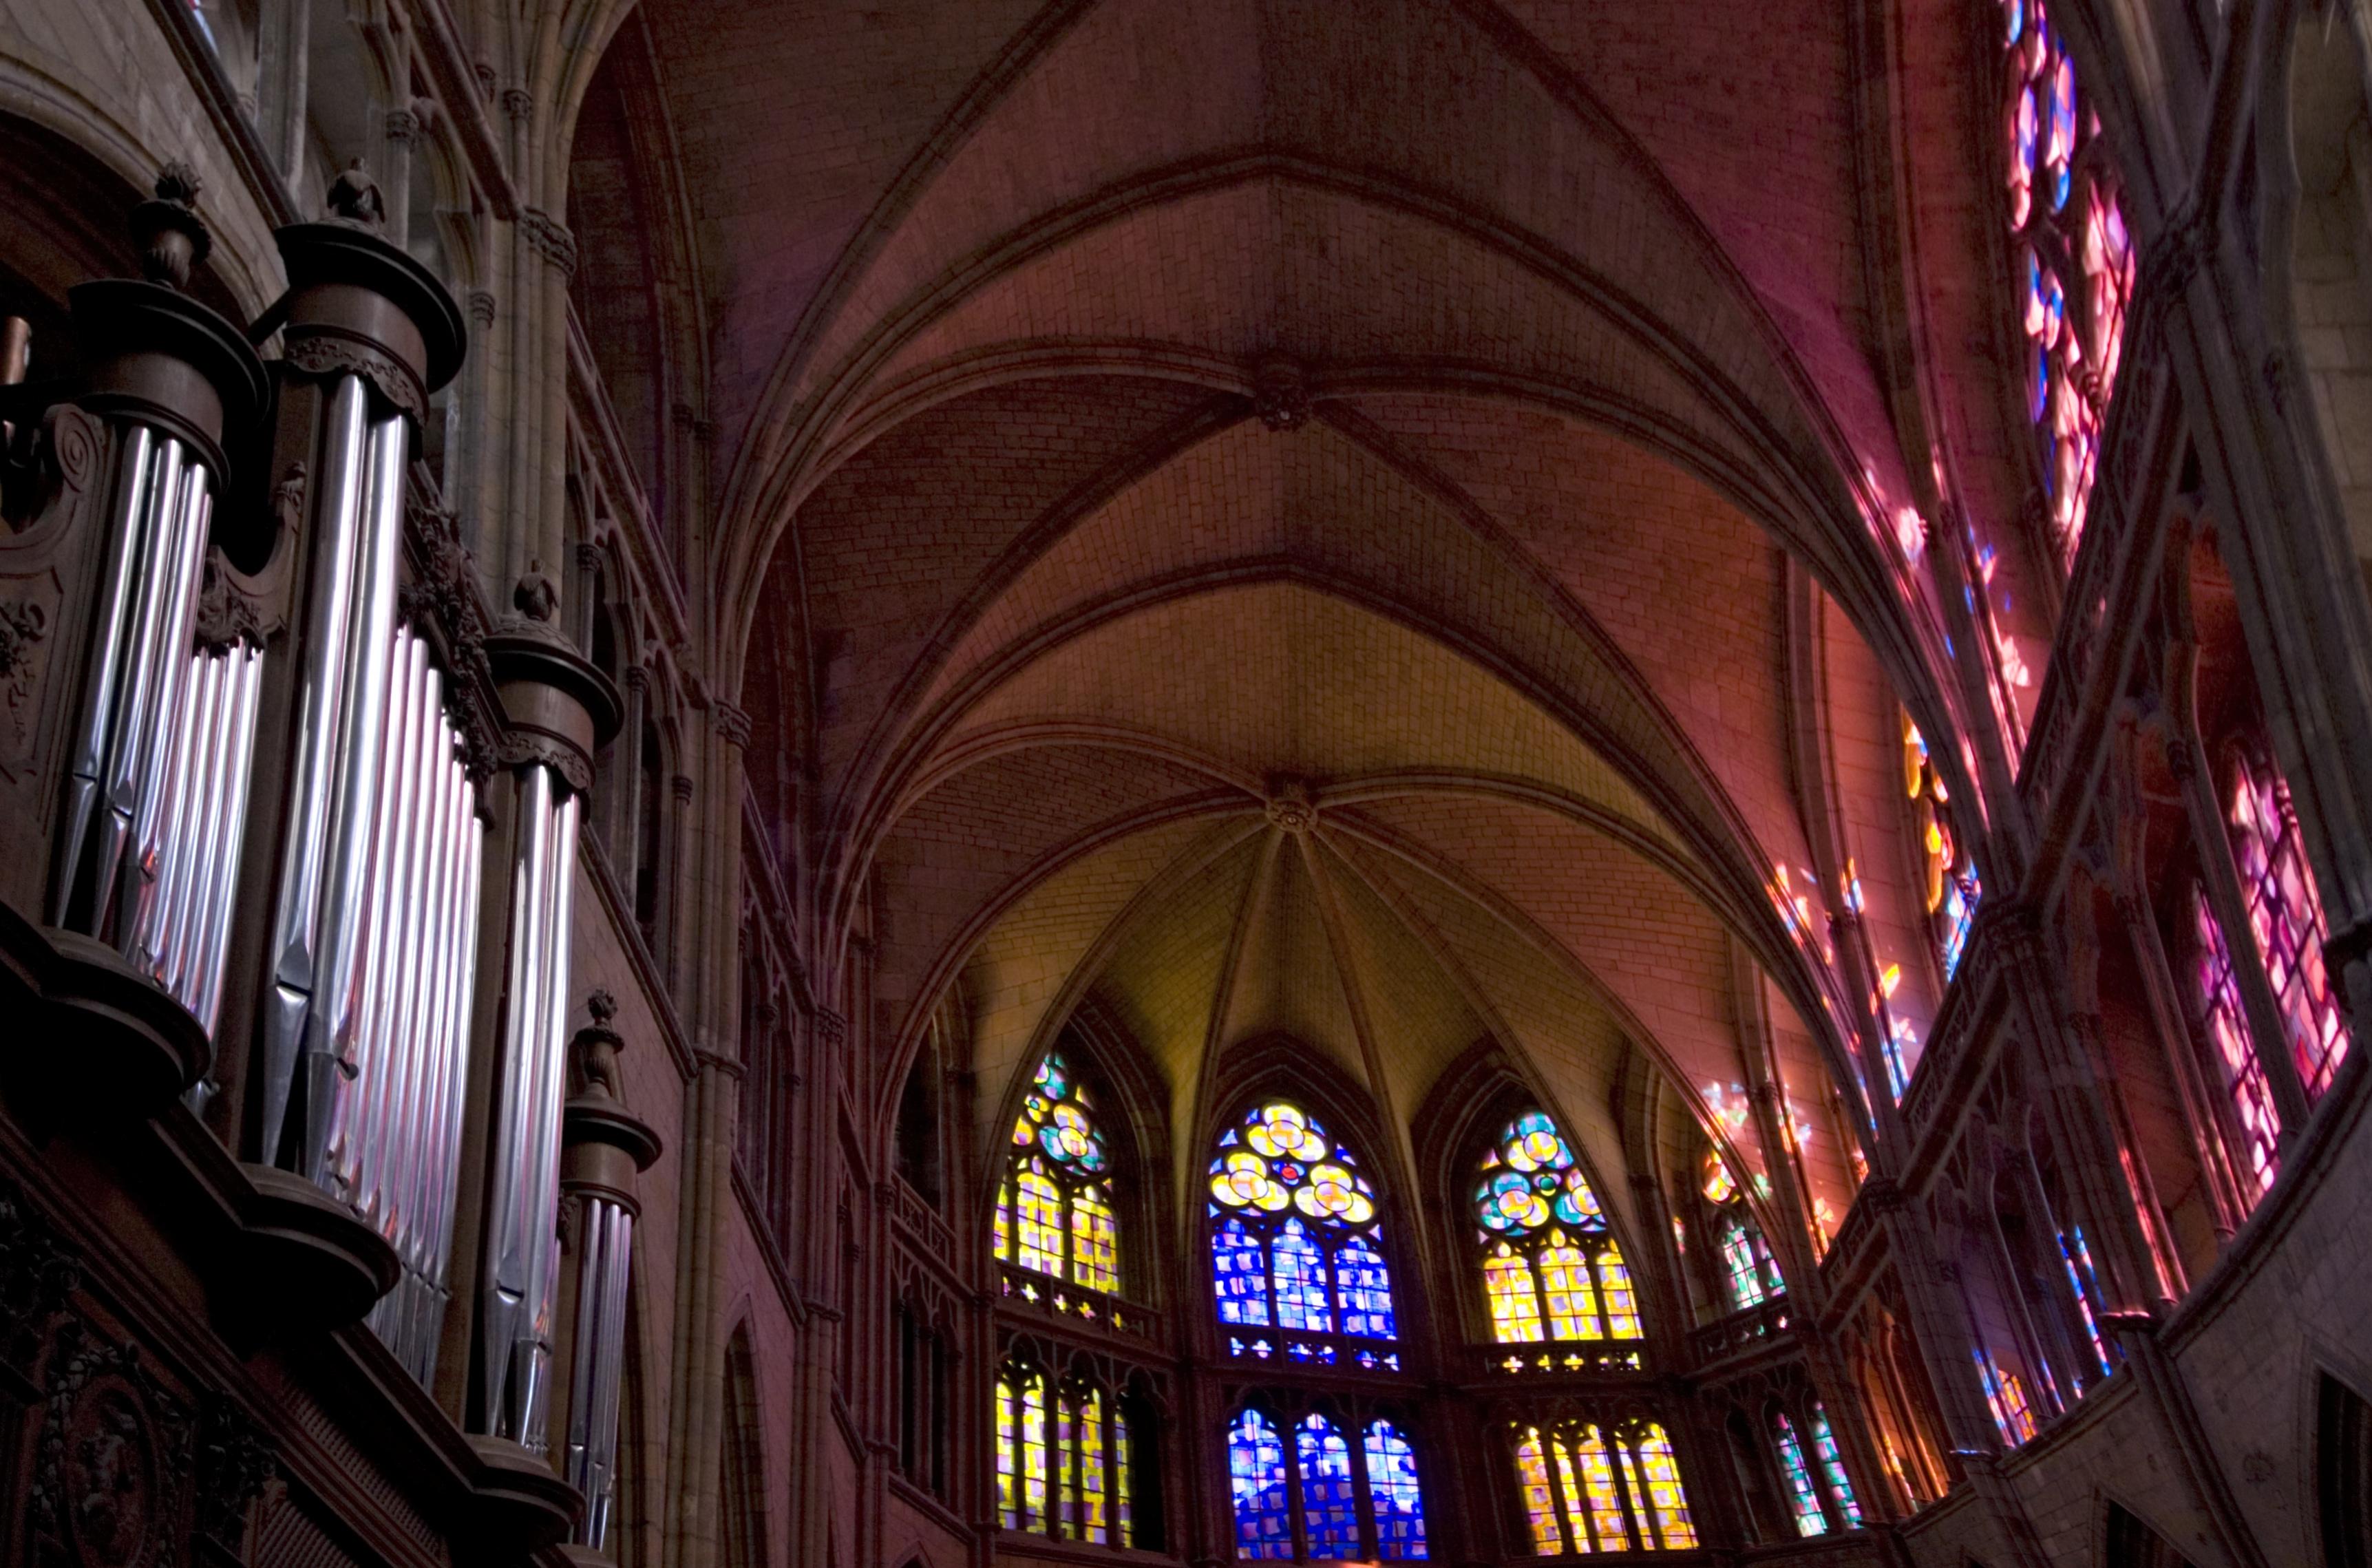 Orgue de la Cathédrale de Nevers